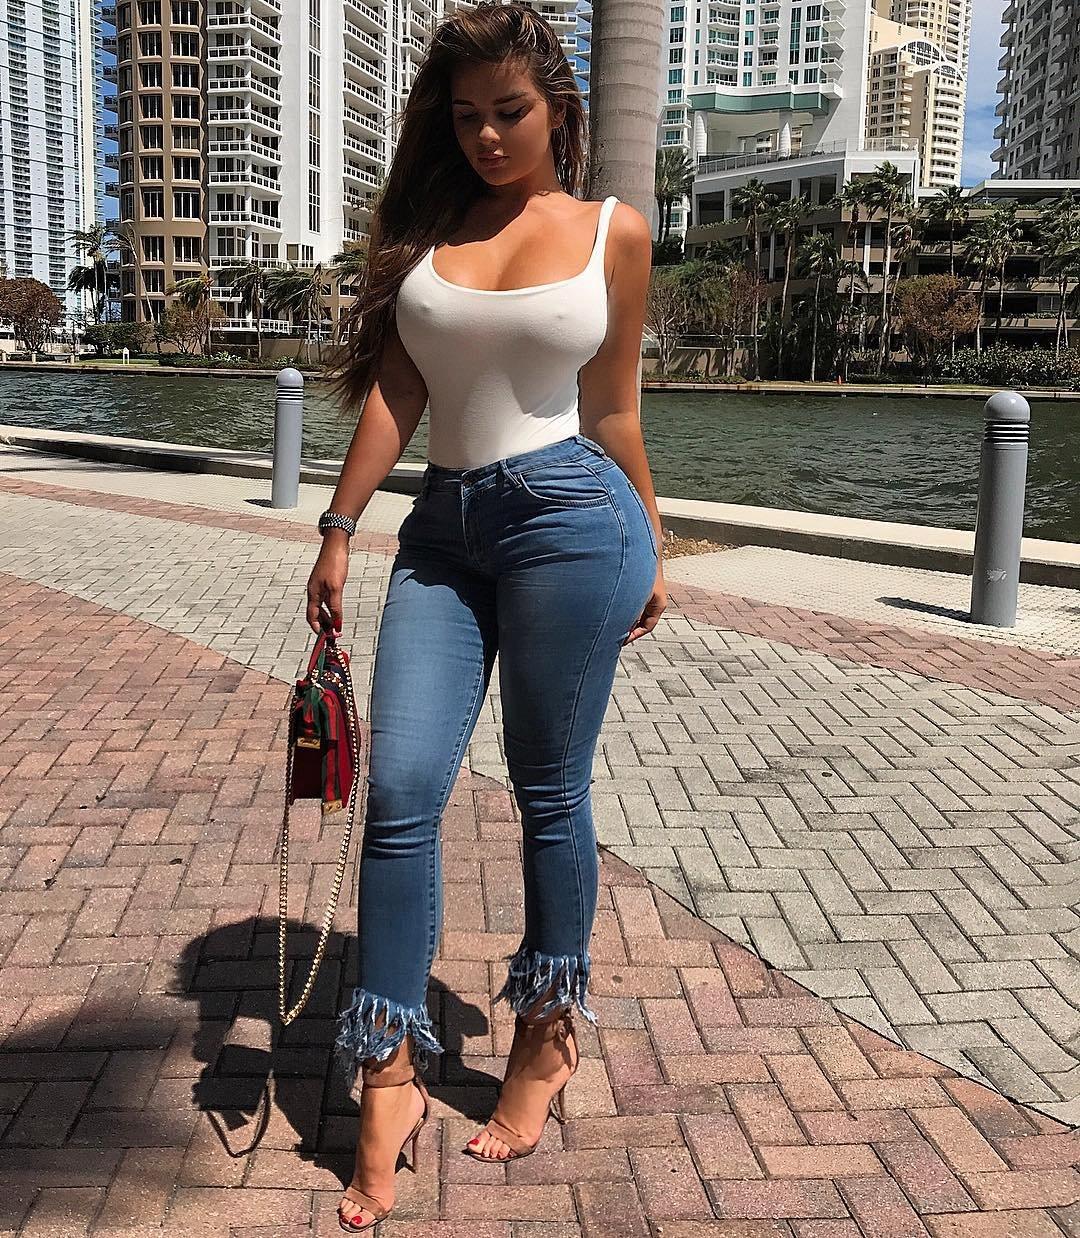 Красотки в джинсах: когда есть что подчеркнуть (20 Фото) 14